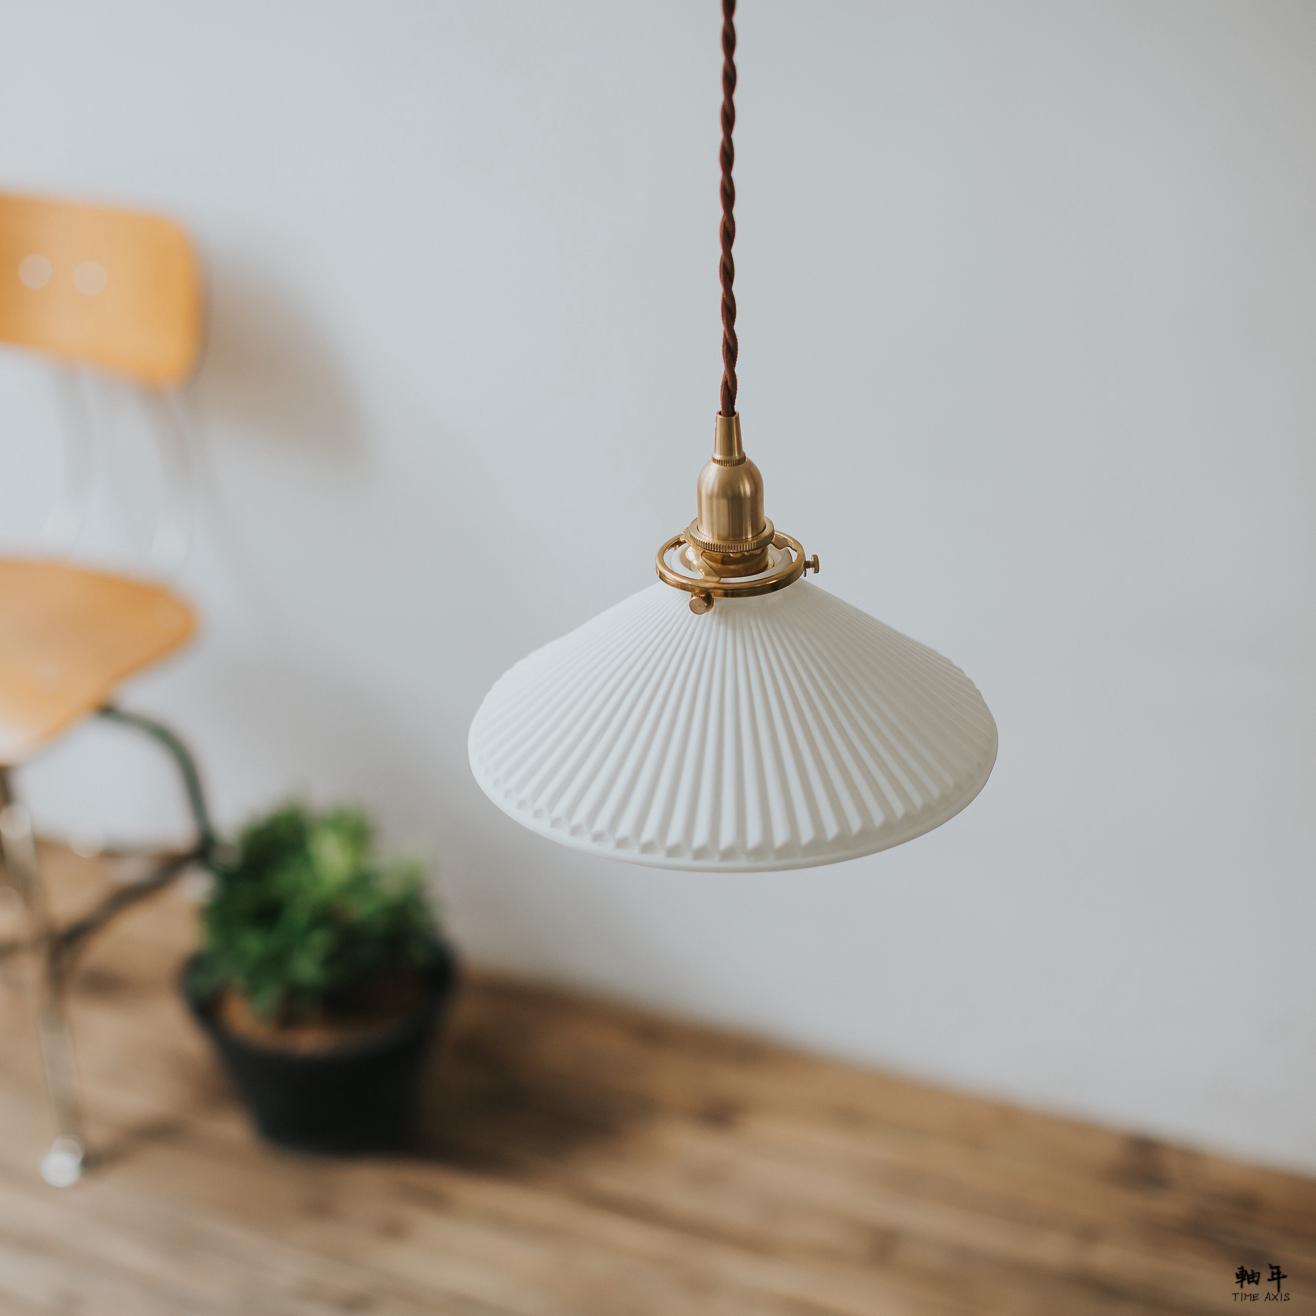 日式复古黄铜陶瓷吊灯北欧简约民宿过道床头玄关吧台飘窗灯年